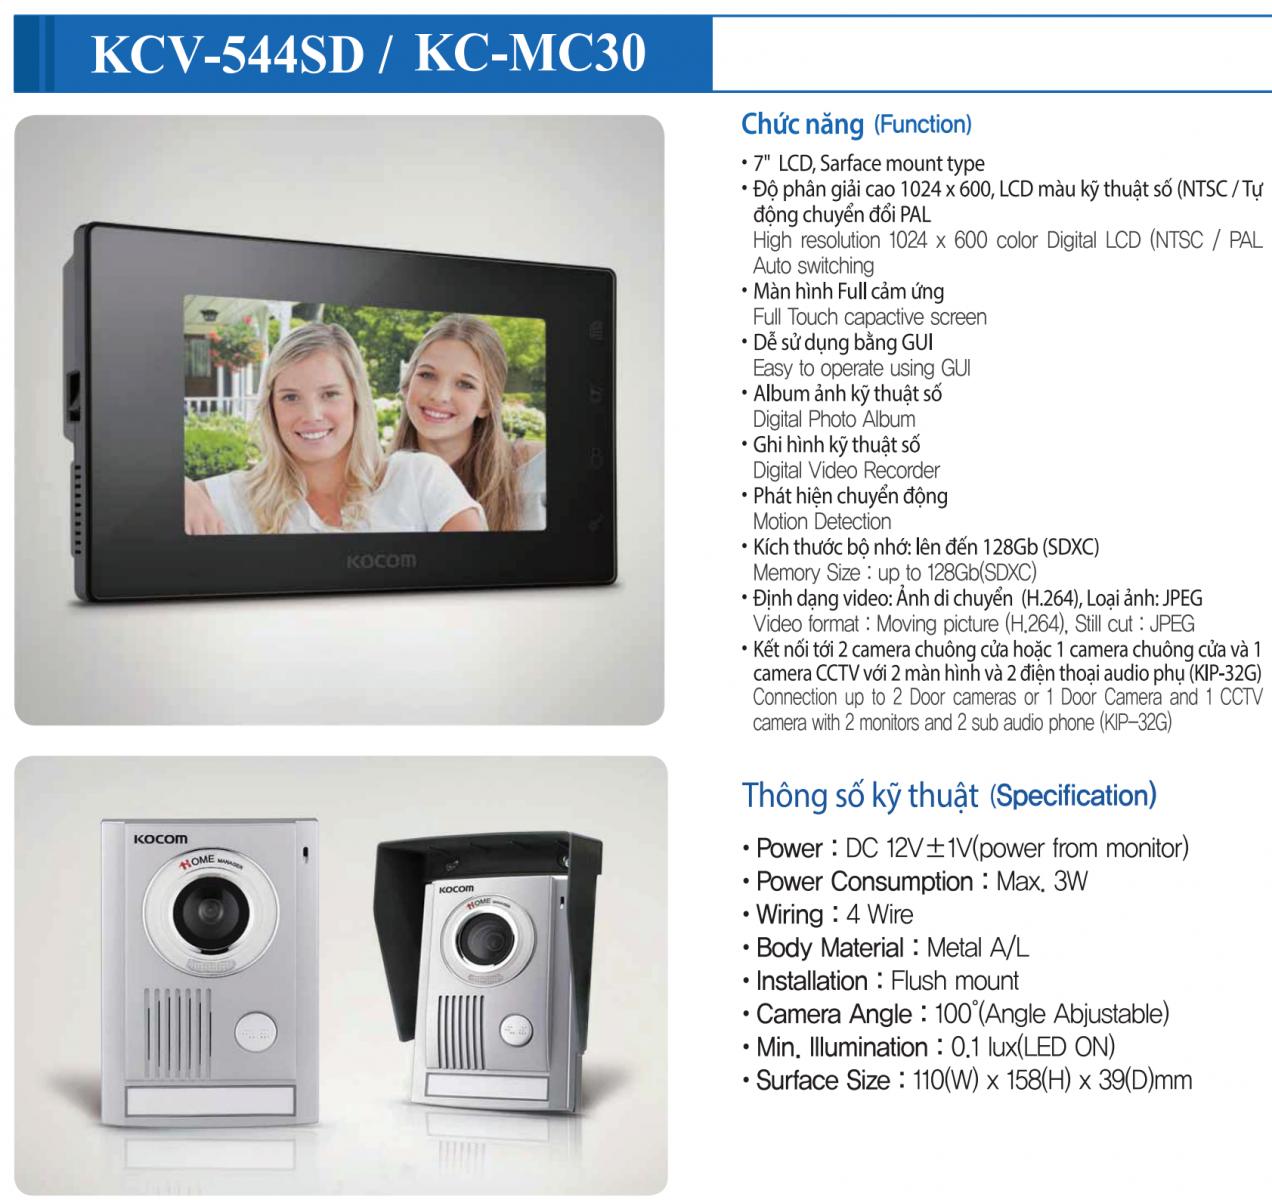 KCV-544SD